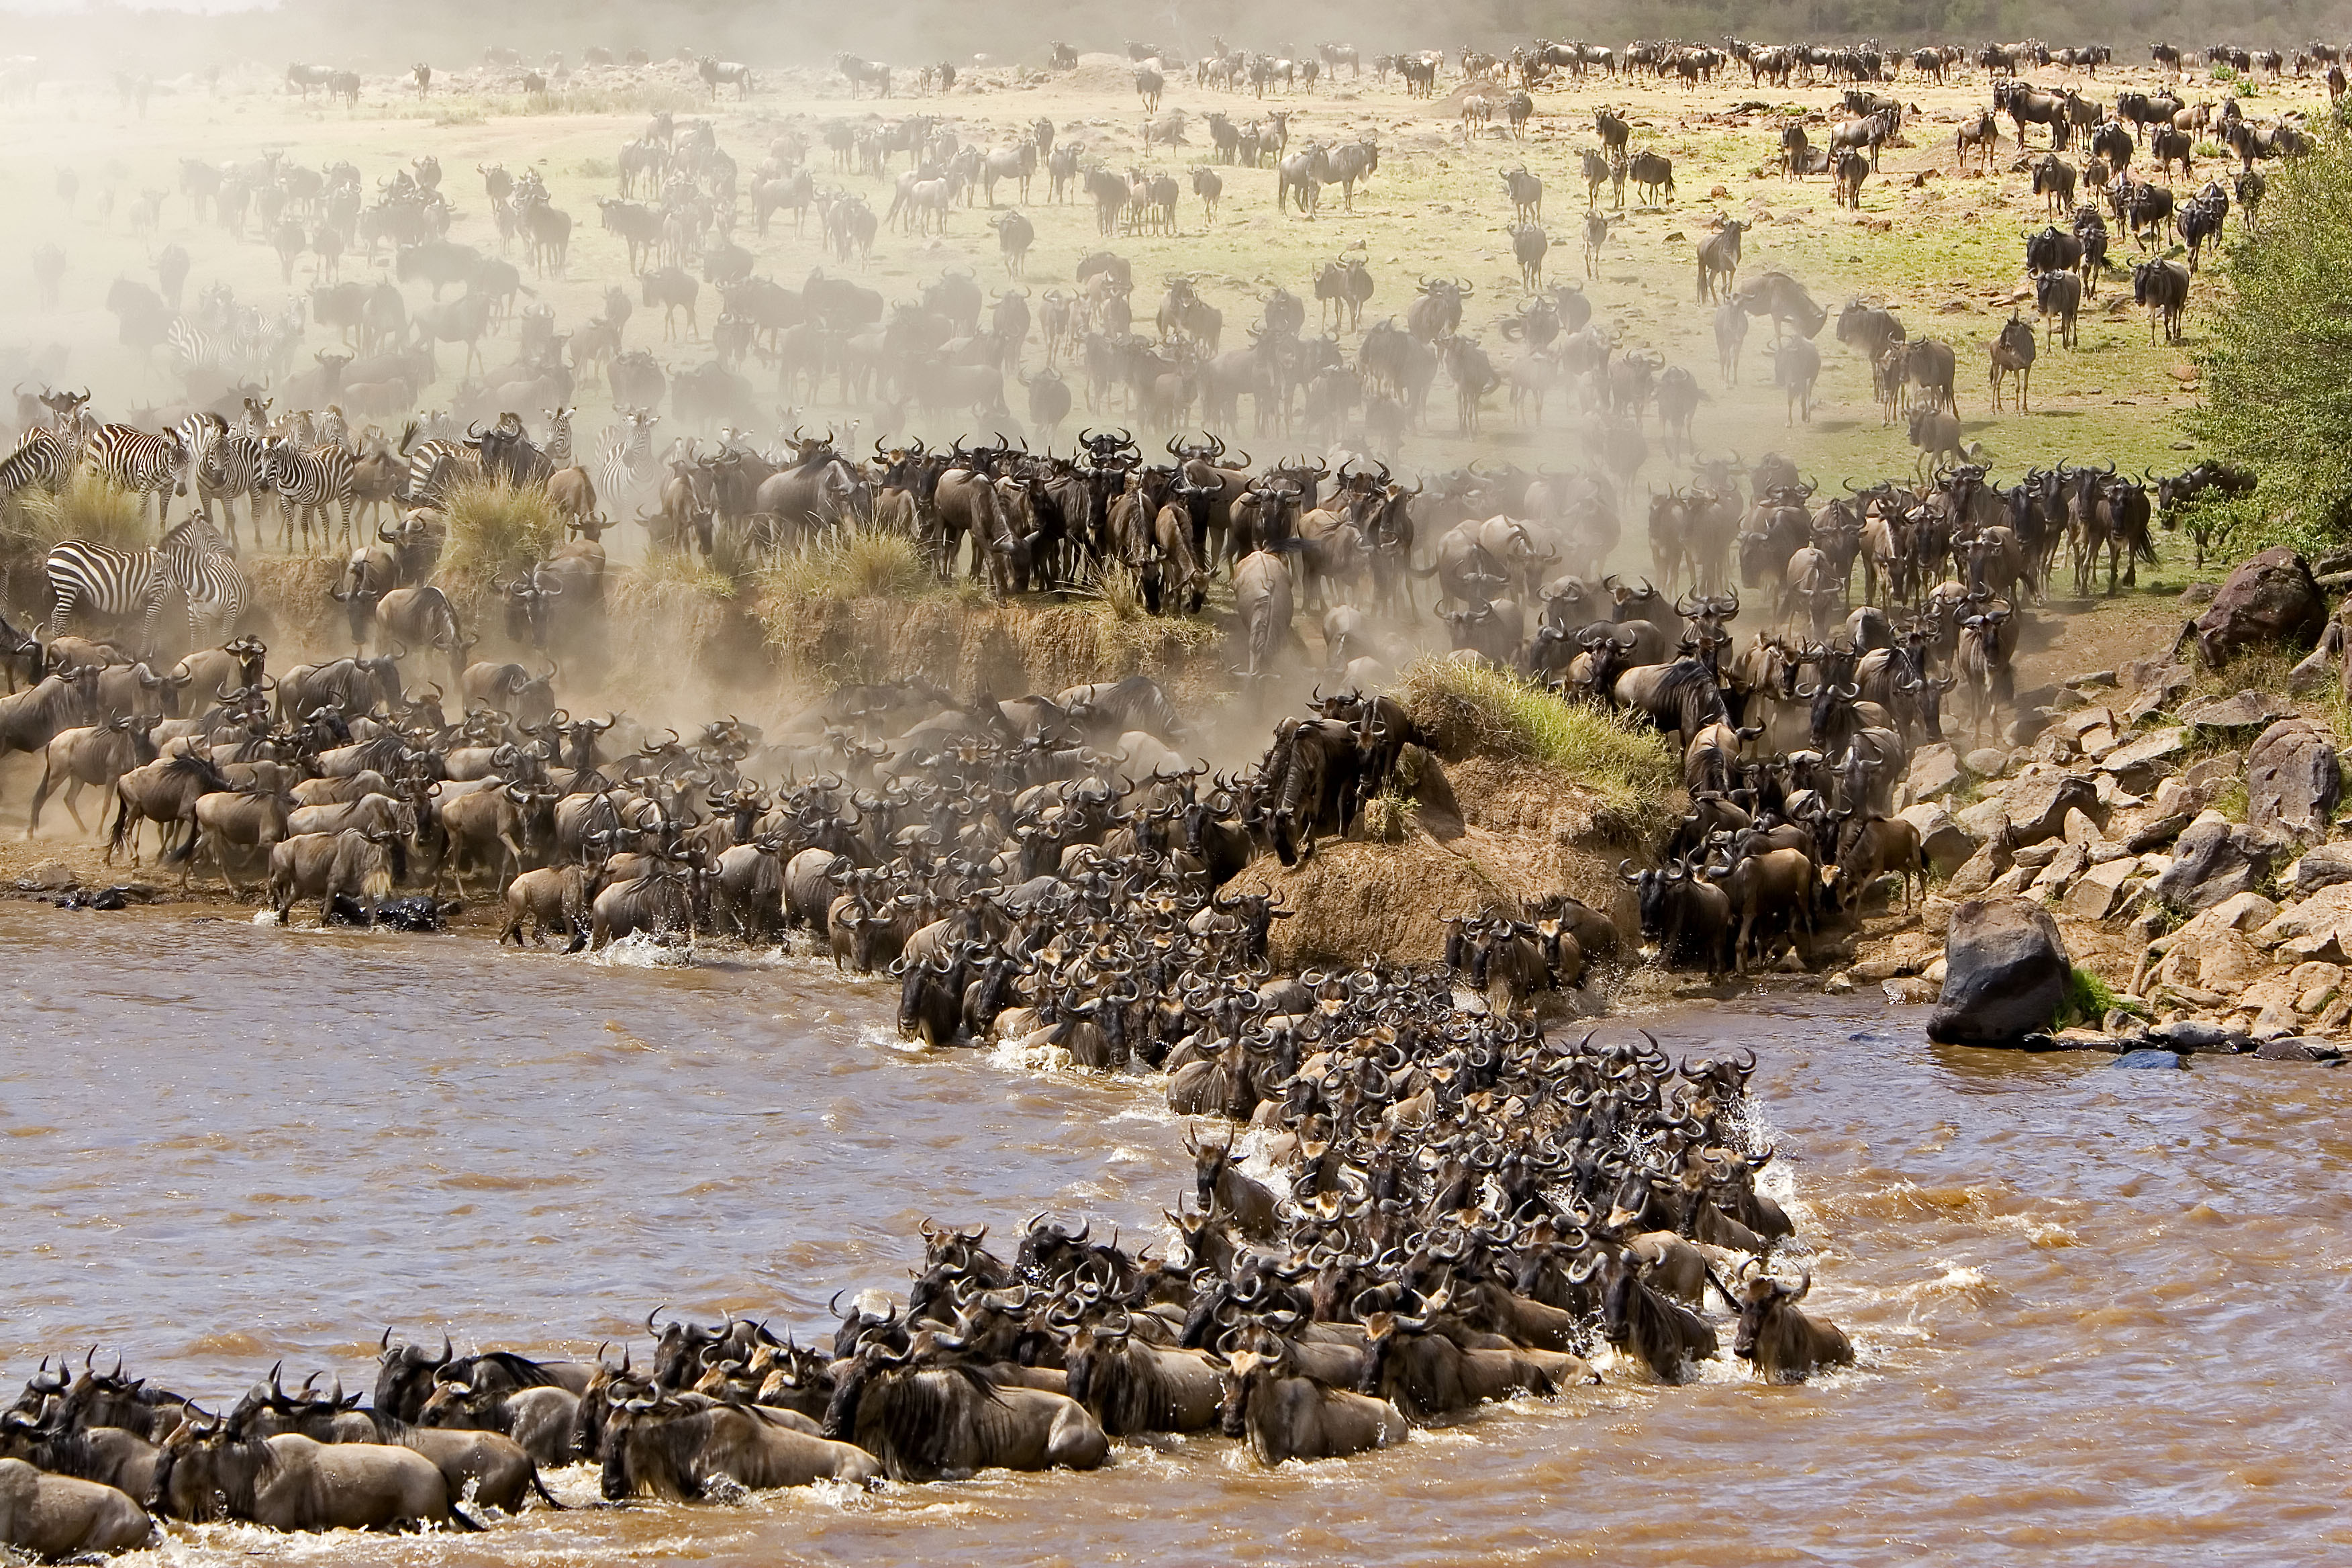 Wildebeest#